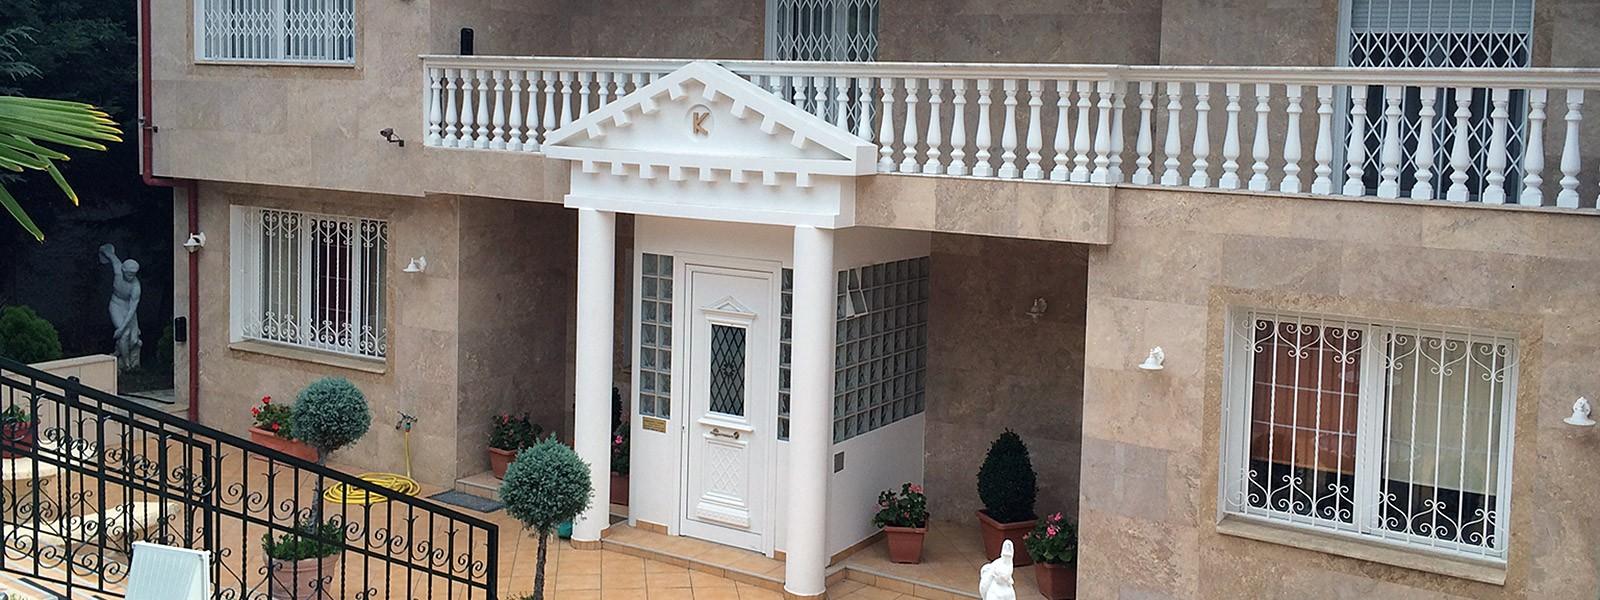 Edessa Private house